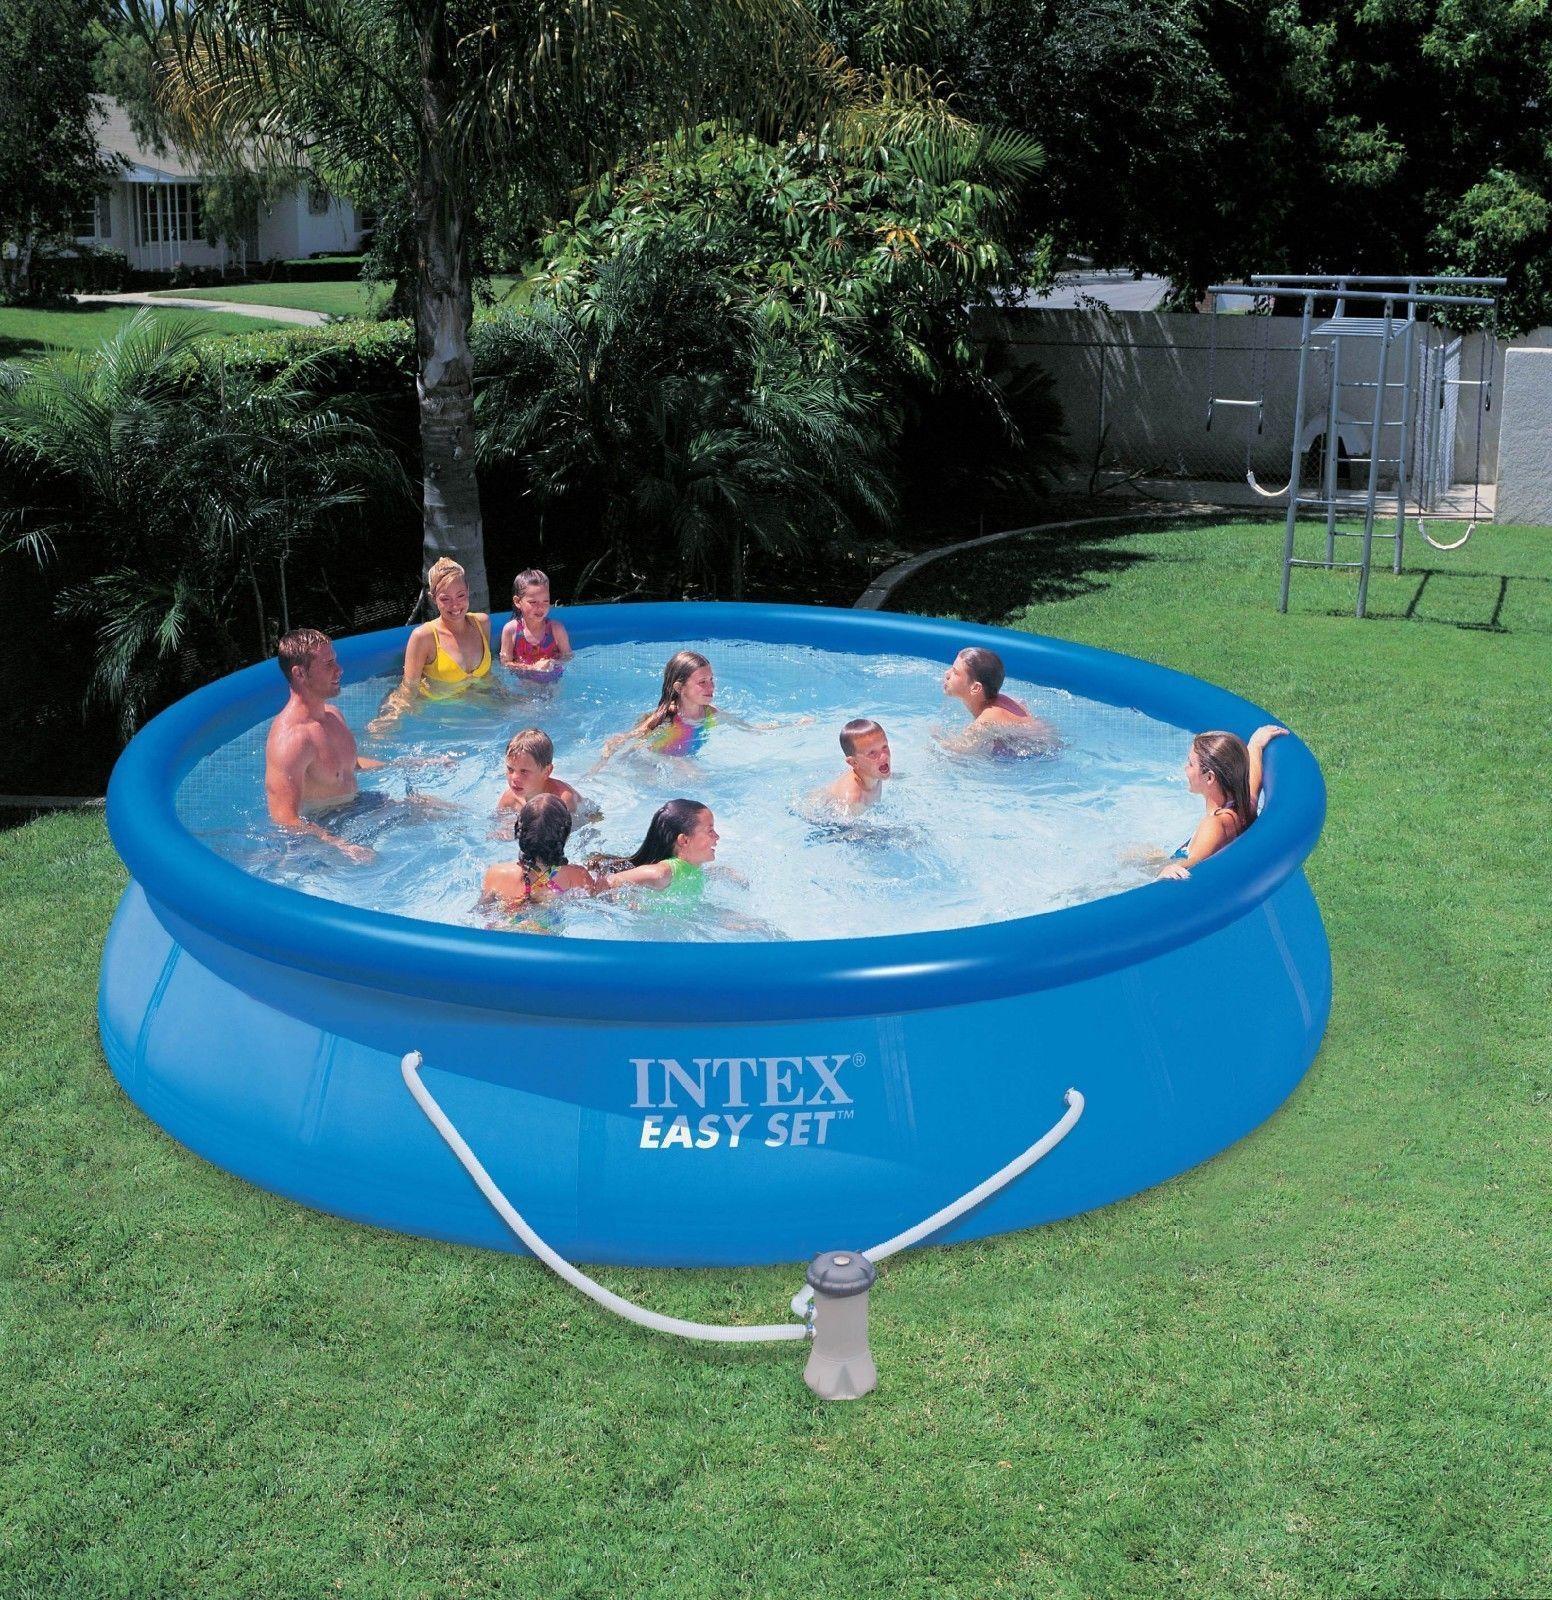 Intex 15ft X 36in Easy Set Pool Set 28161 Easy Set Pools